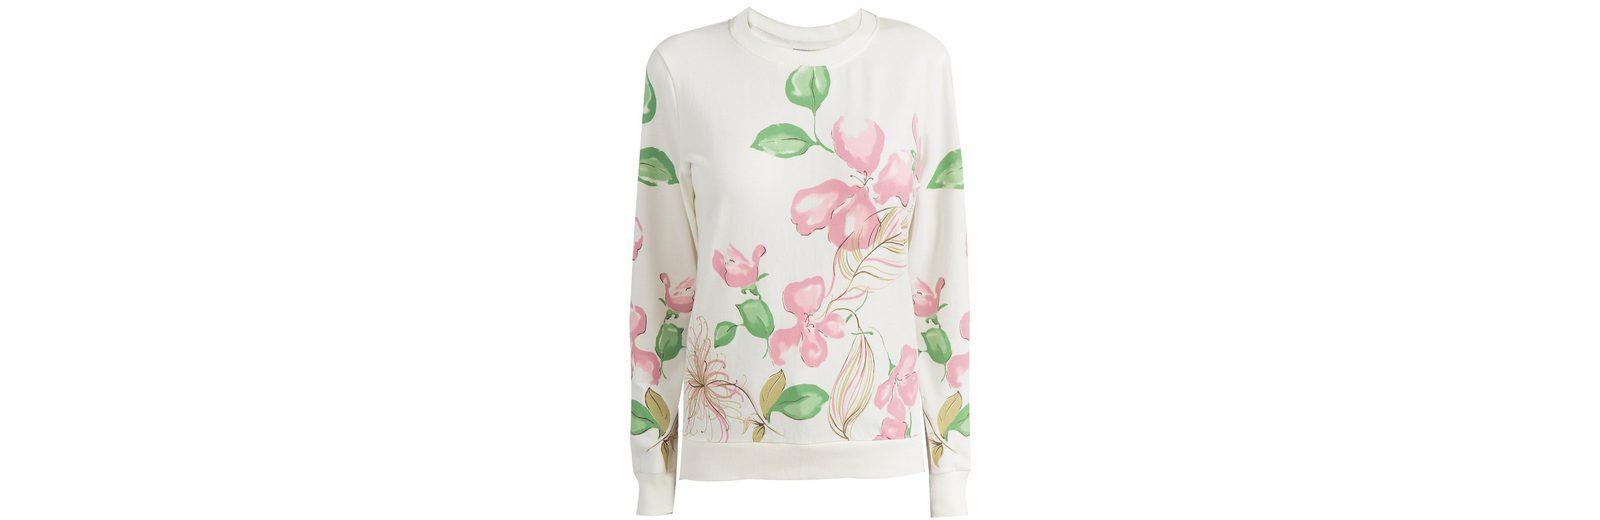 Finn Flare Sweatshirt mit auffälligem Druck Outlet-Store Günstiger Preis Pb1RL0c